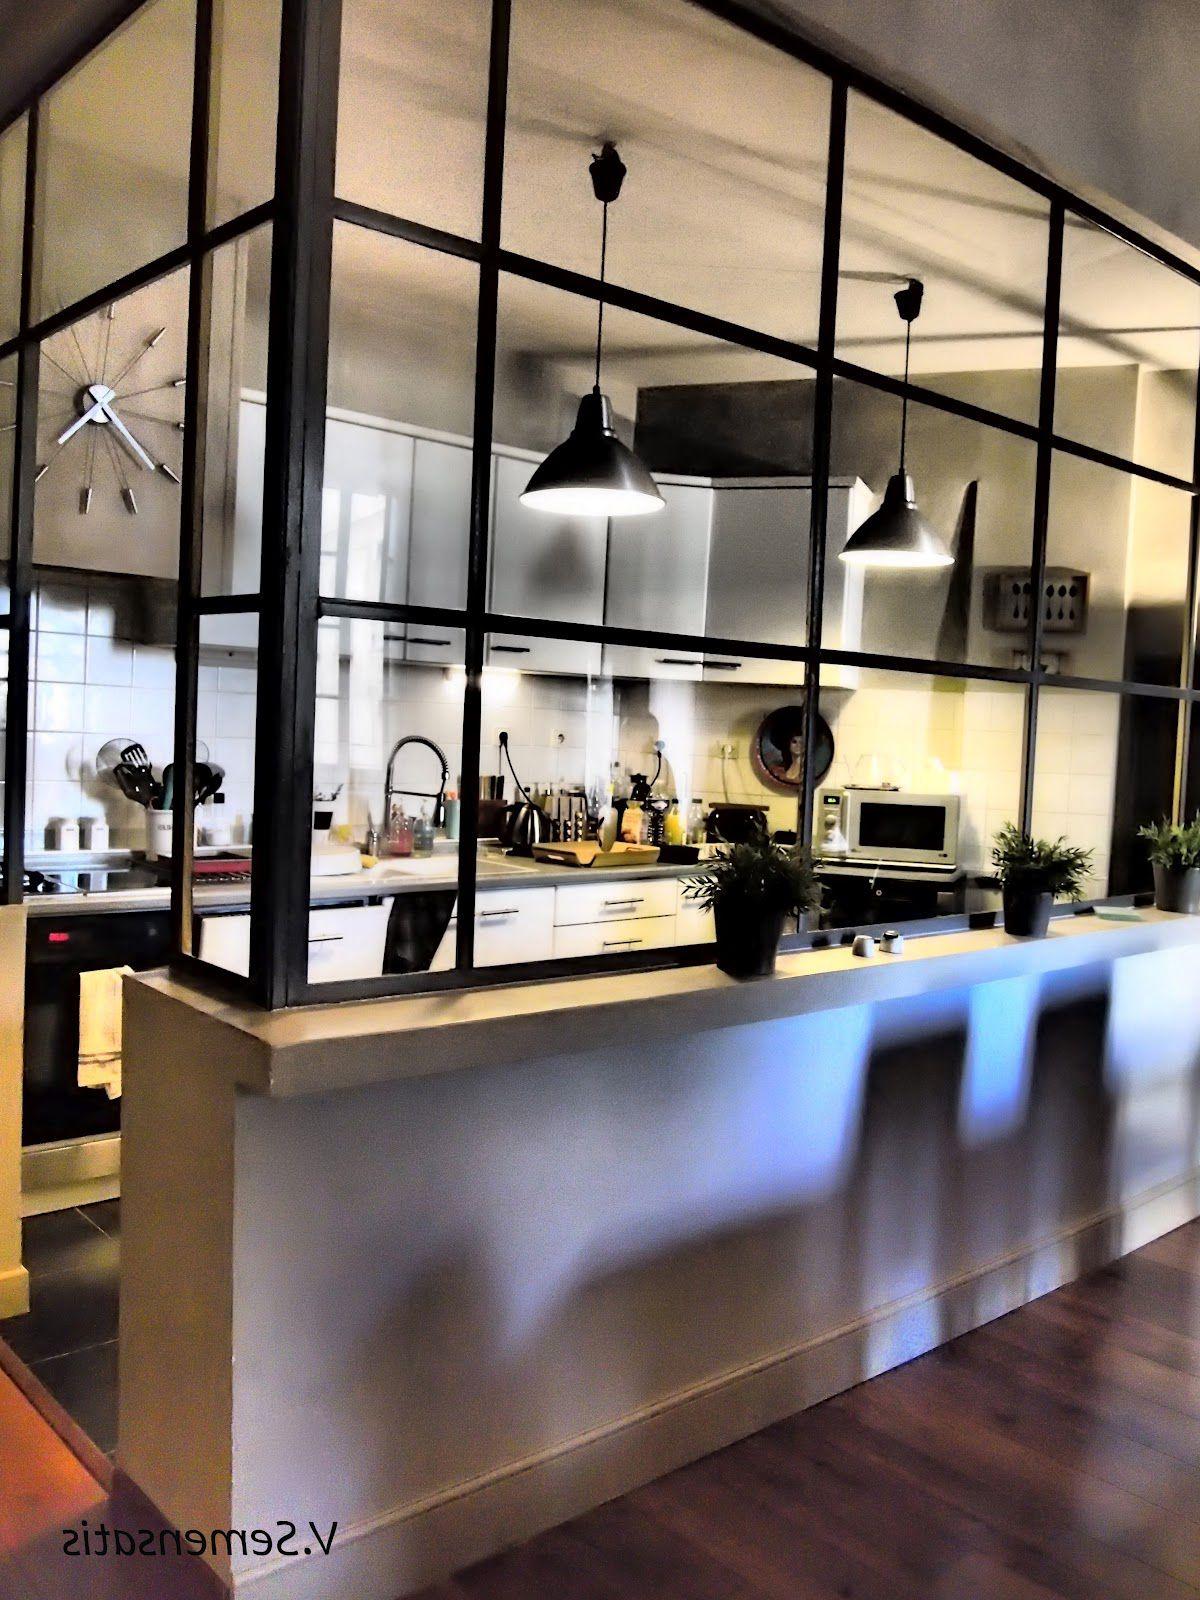 Cuisine avec verri re mieszkanie - Cuisine avec verriere atelier ...